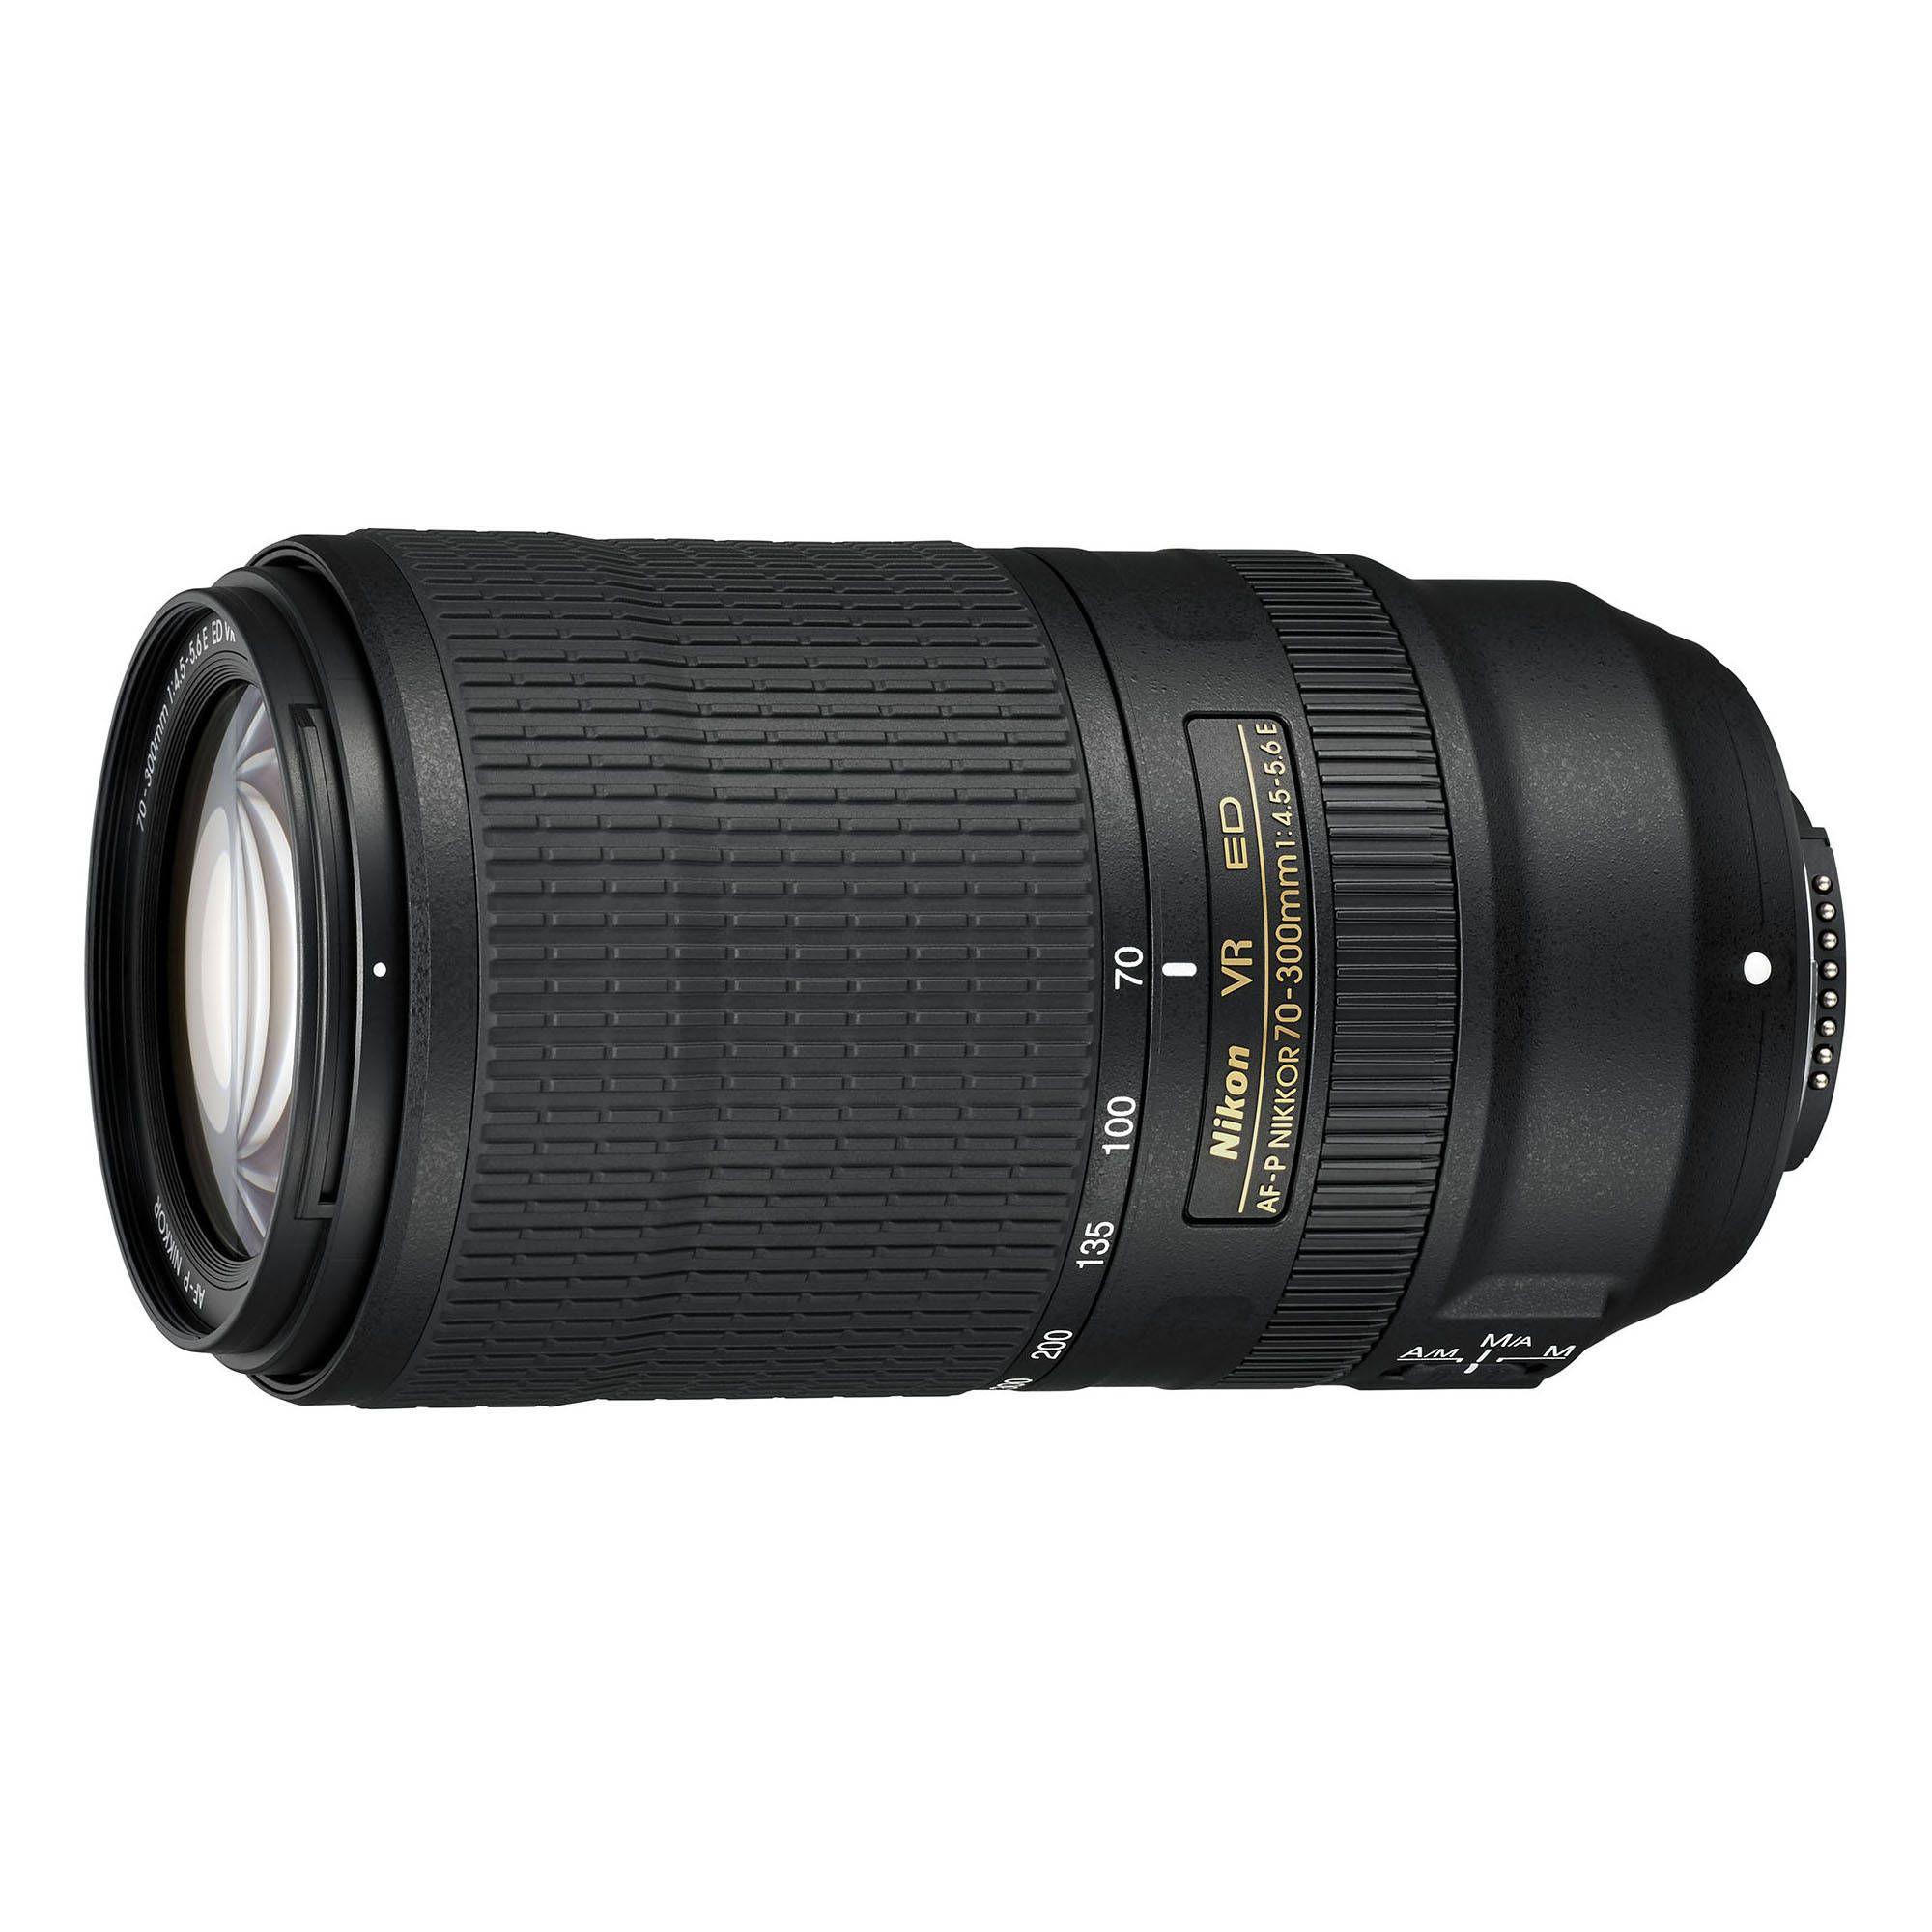 Nikon Af P Nikkor 70 300mm F 4 5 5 6e Ed Vr Lens Vr Lens Nikon Camera Lens